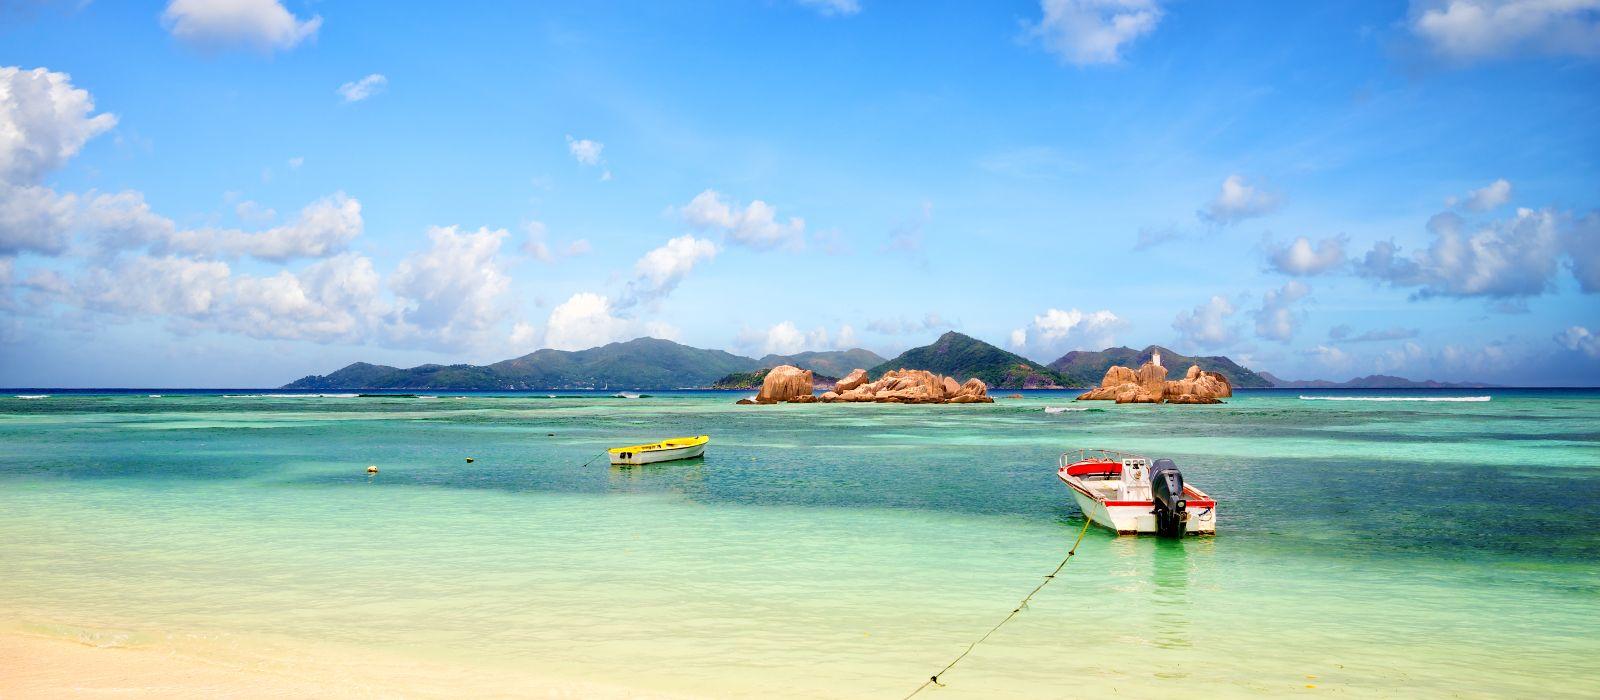 Südafrika und Seychellen: Kapstadt, Safari und traumhafte Inseln Urlaub 5